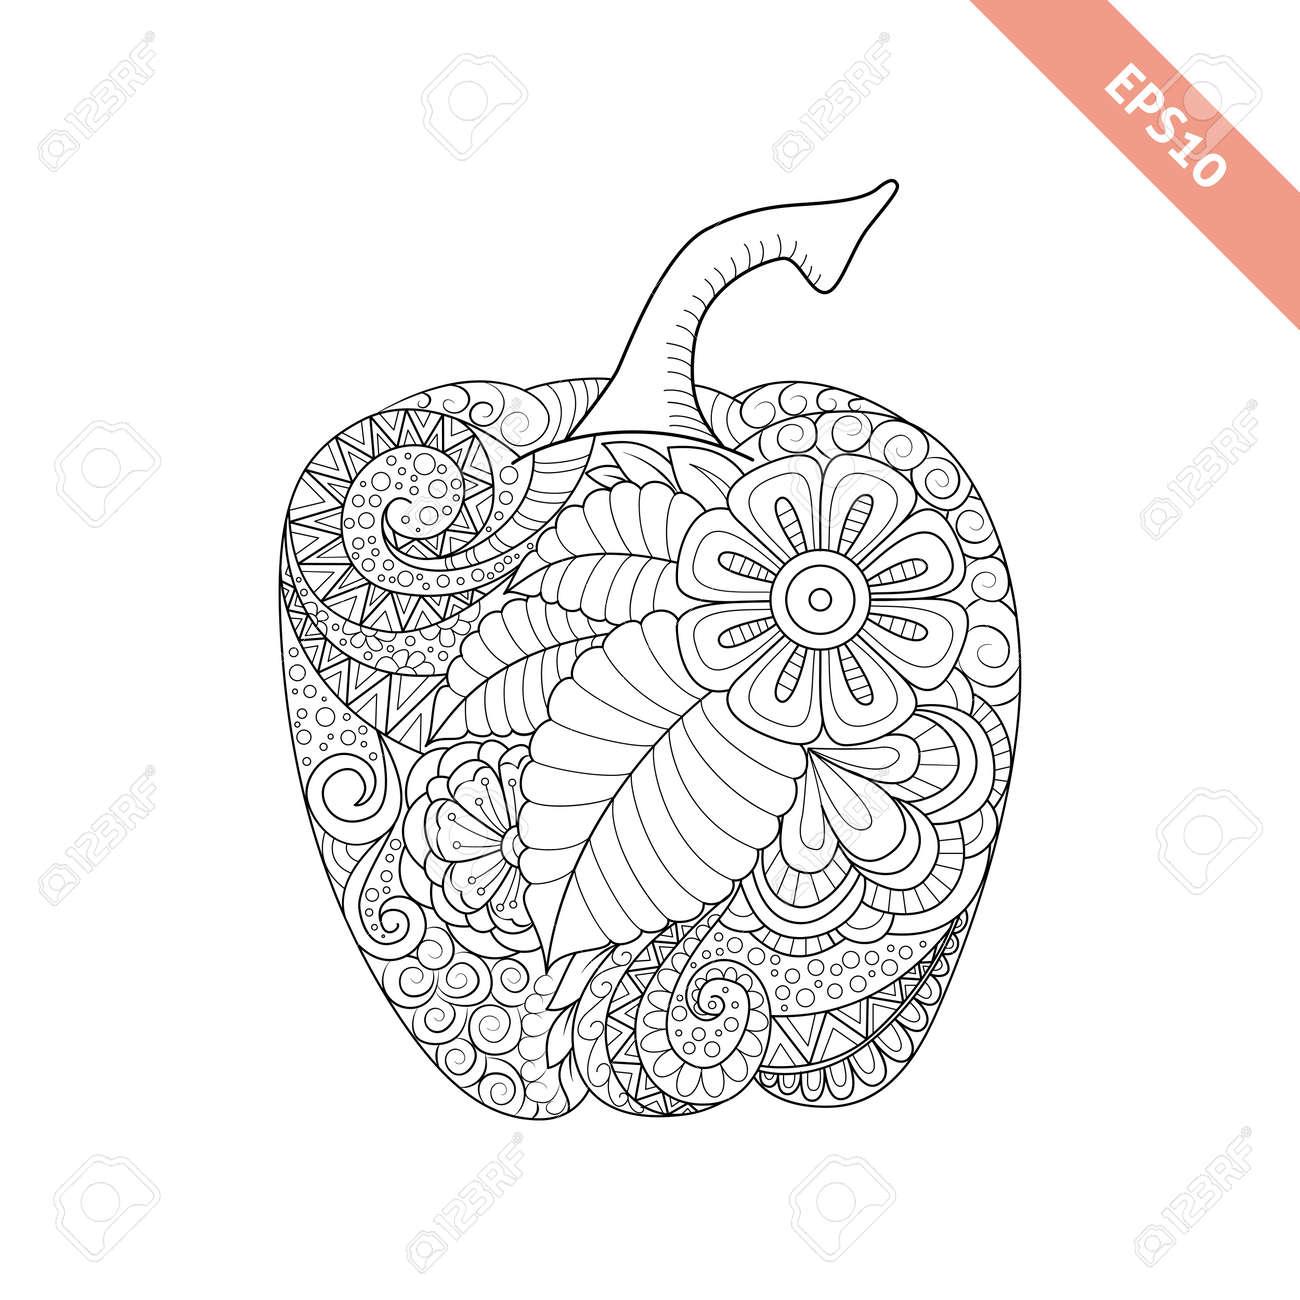 Coloriage Paprika Dessin Anime.Vector Illustration Cloche Dessin Anime Poivre Avec L Ornement